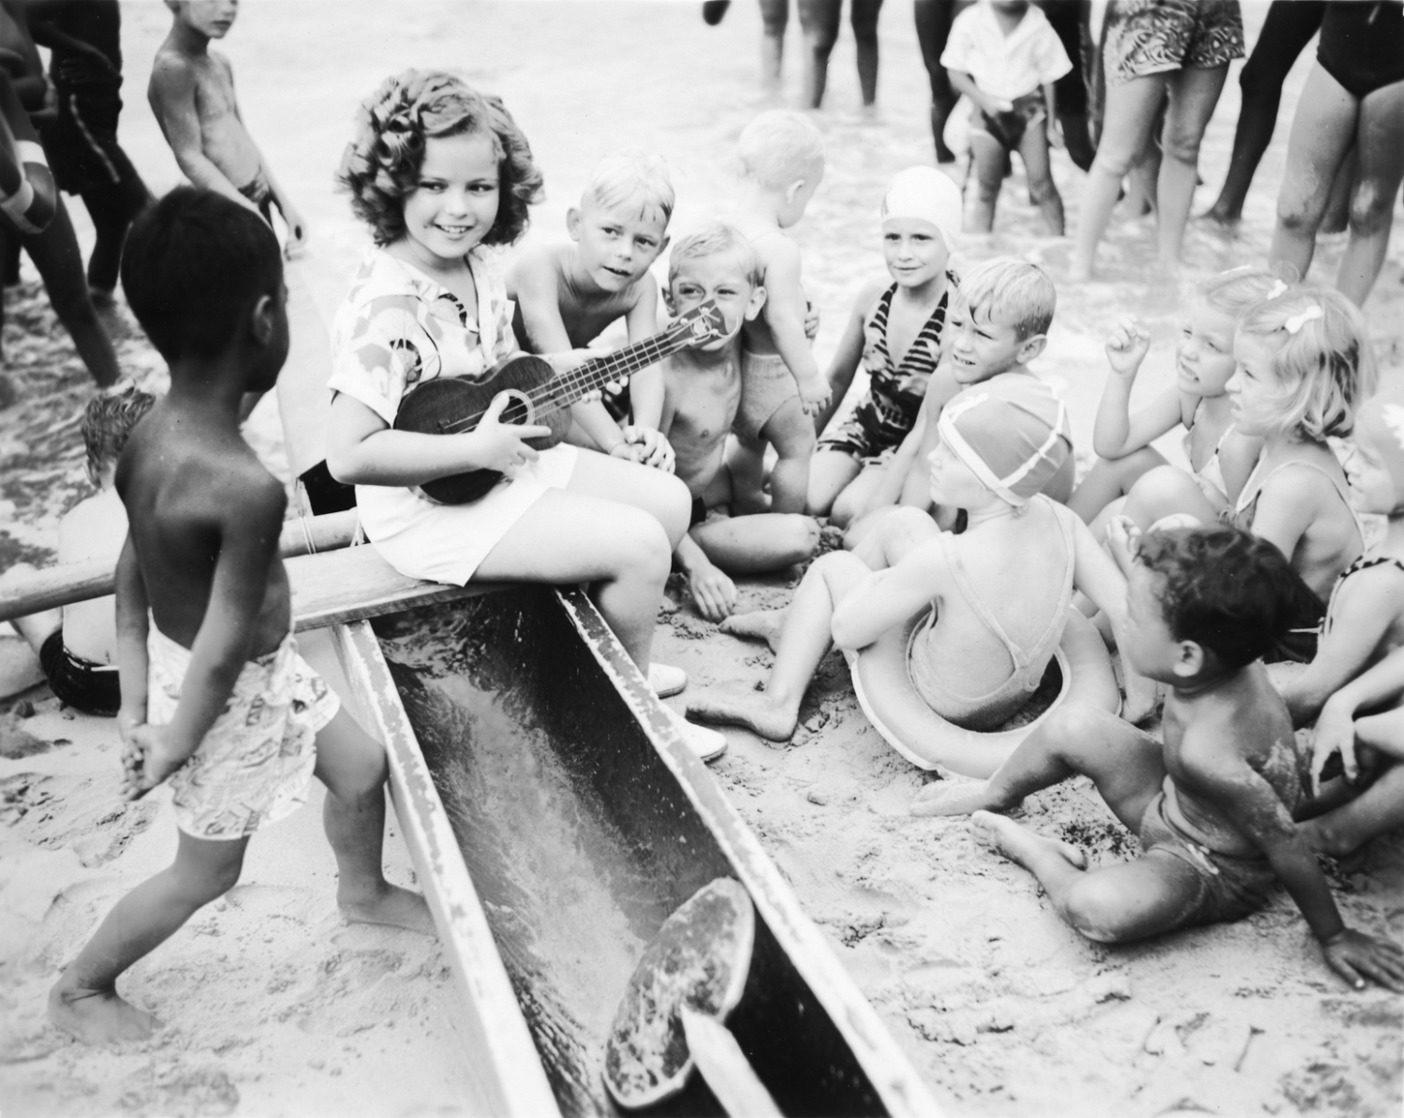 初期のカベクレープ製のアロハシャツを着て、ワイキキビーチで地元の子供たちとウクレレを弾くシャーリー・テンプル。 Photo: courtesy of the Bishop Archives